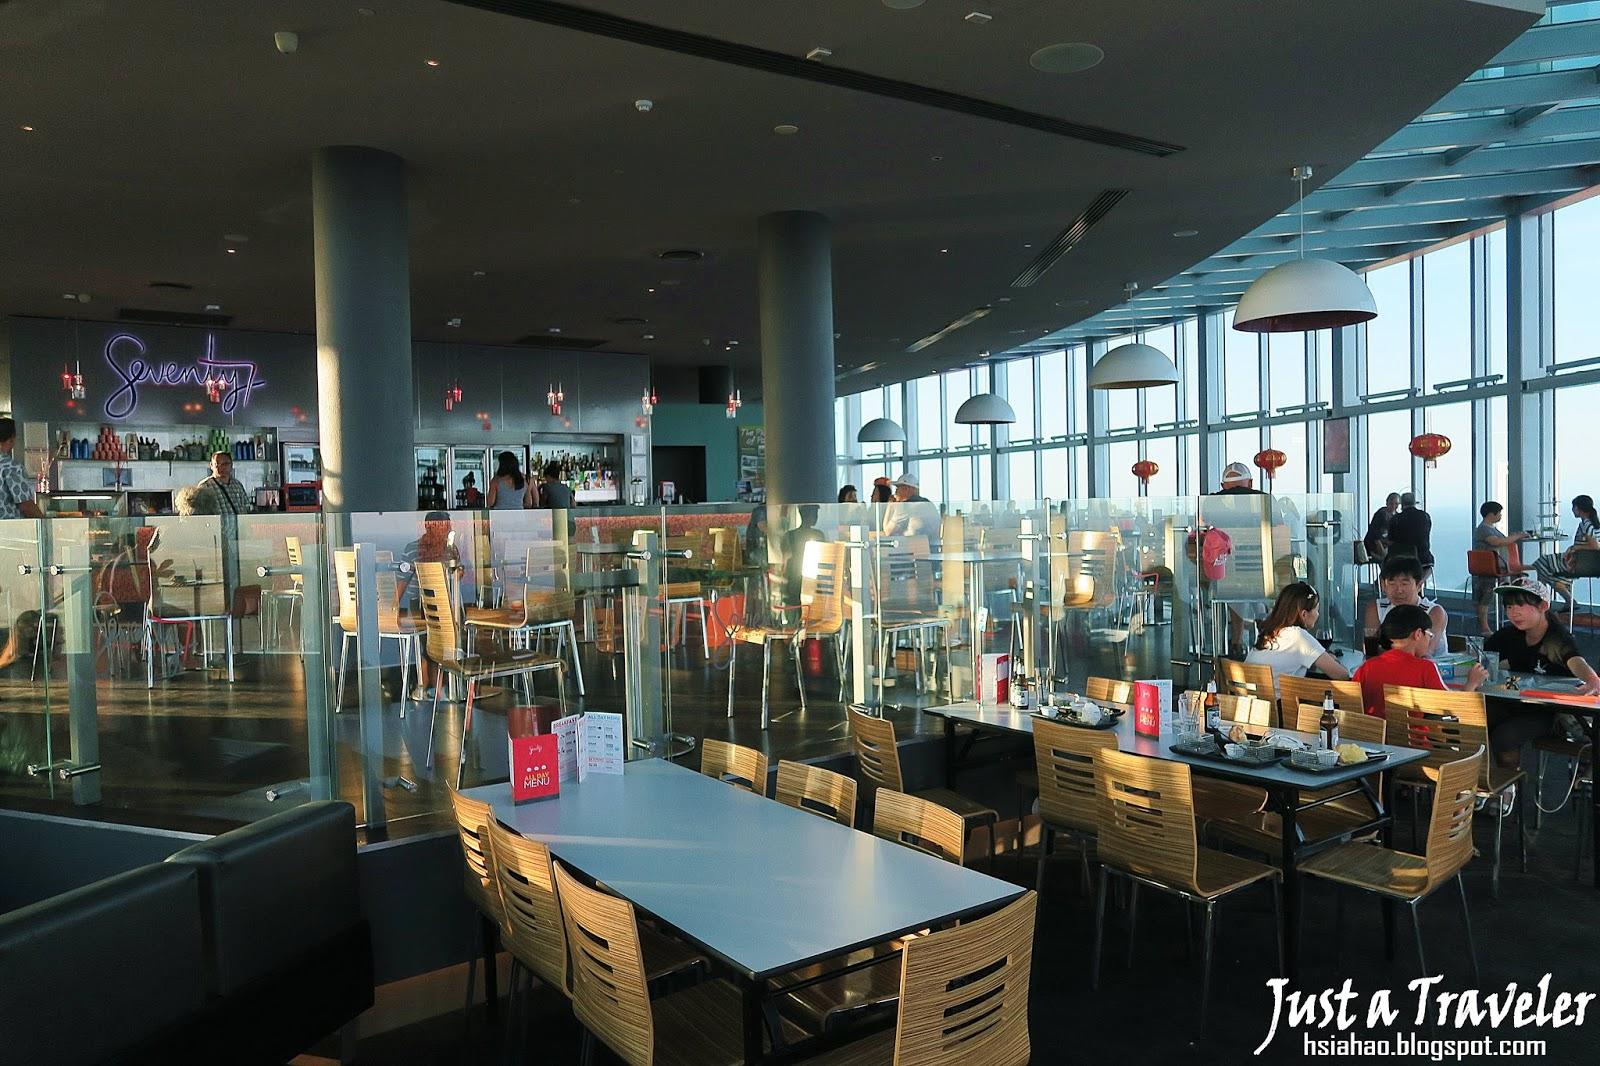 黃金海岸-景點-推薦-Q1大廈觀景台-Sky-Point-美食-套票-旅遊-自由行-澳洲-Gold-Coast-theme-park-Australia